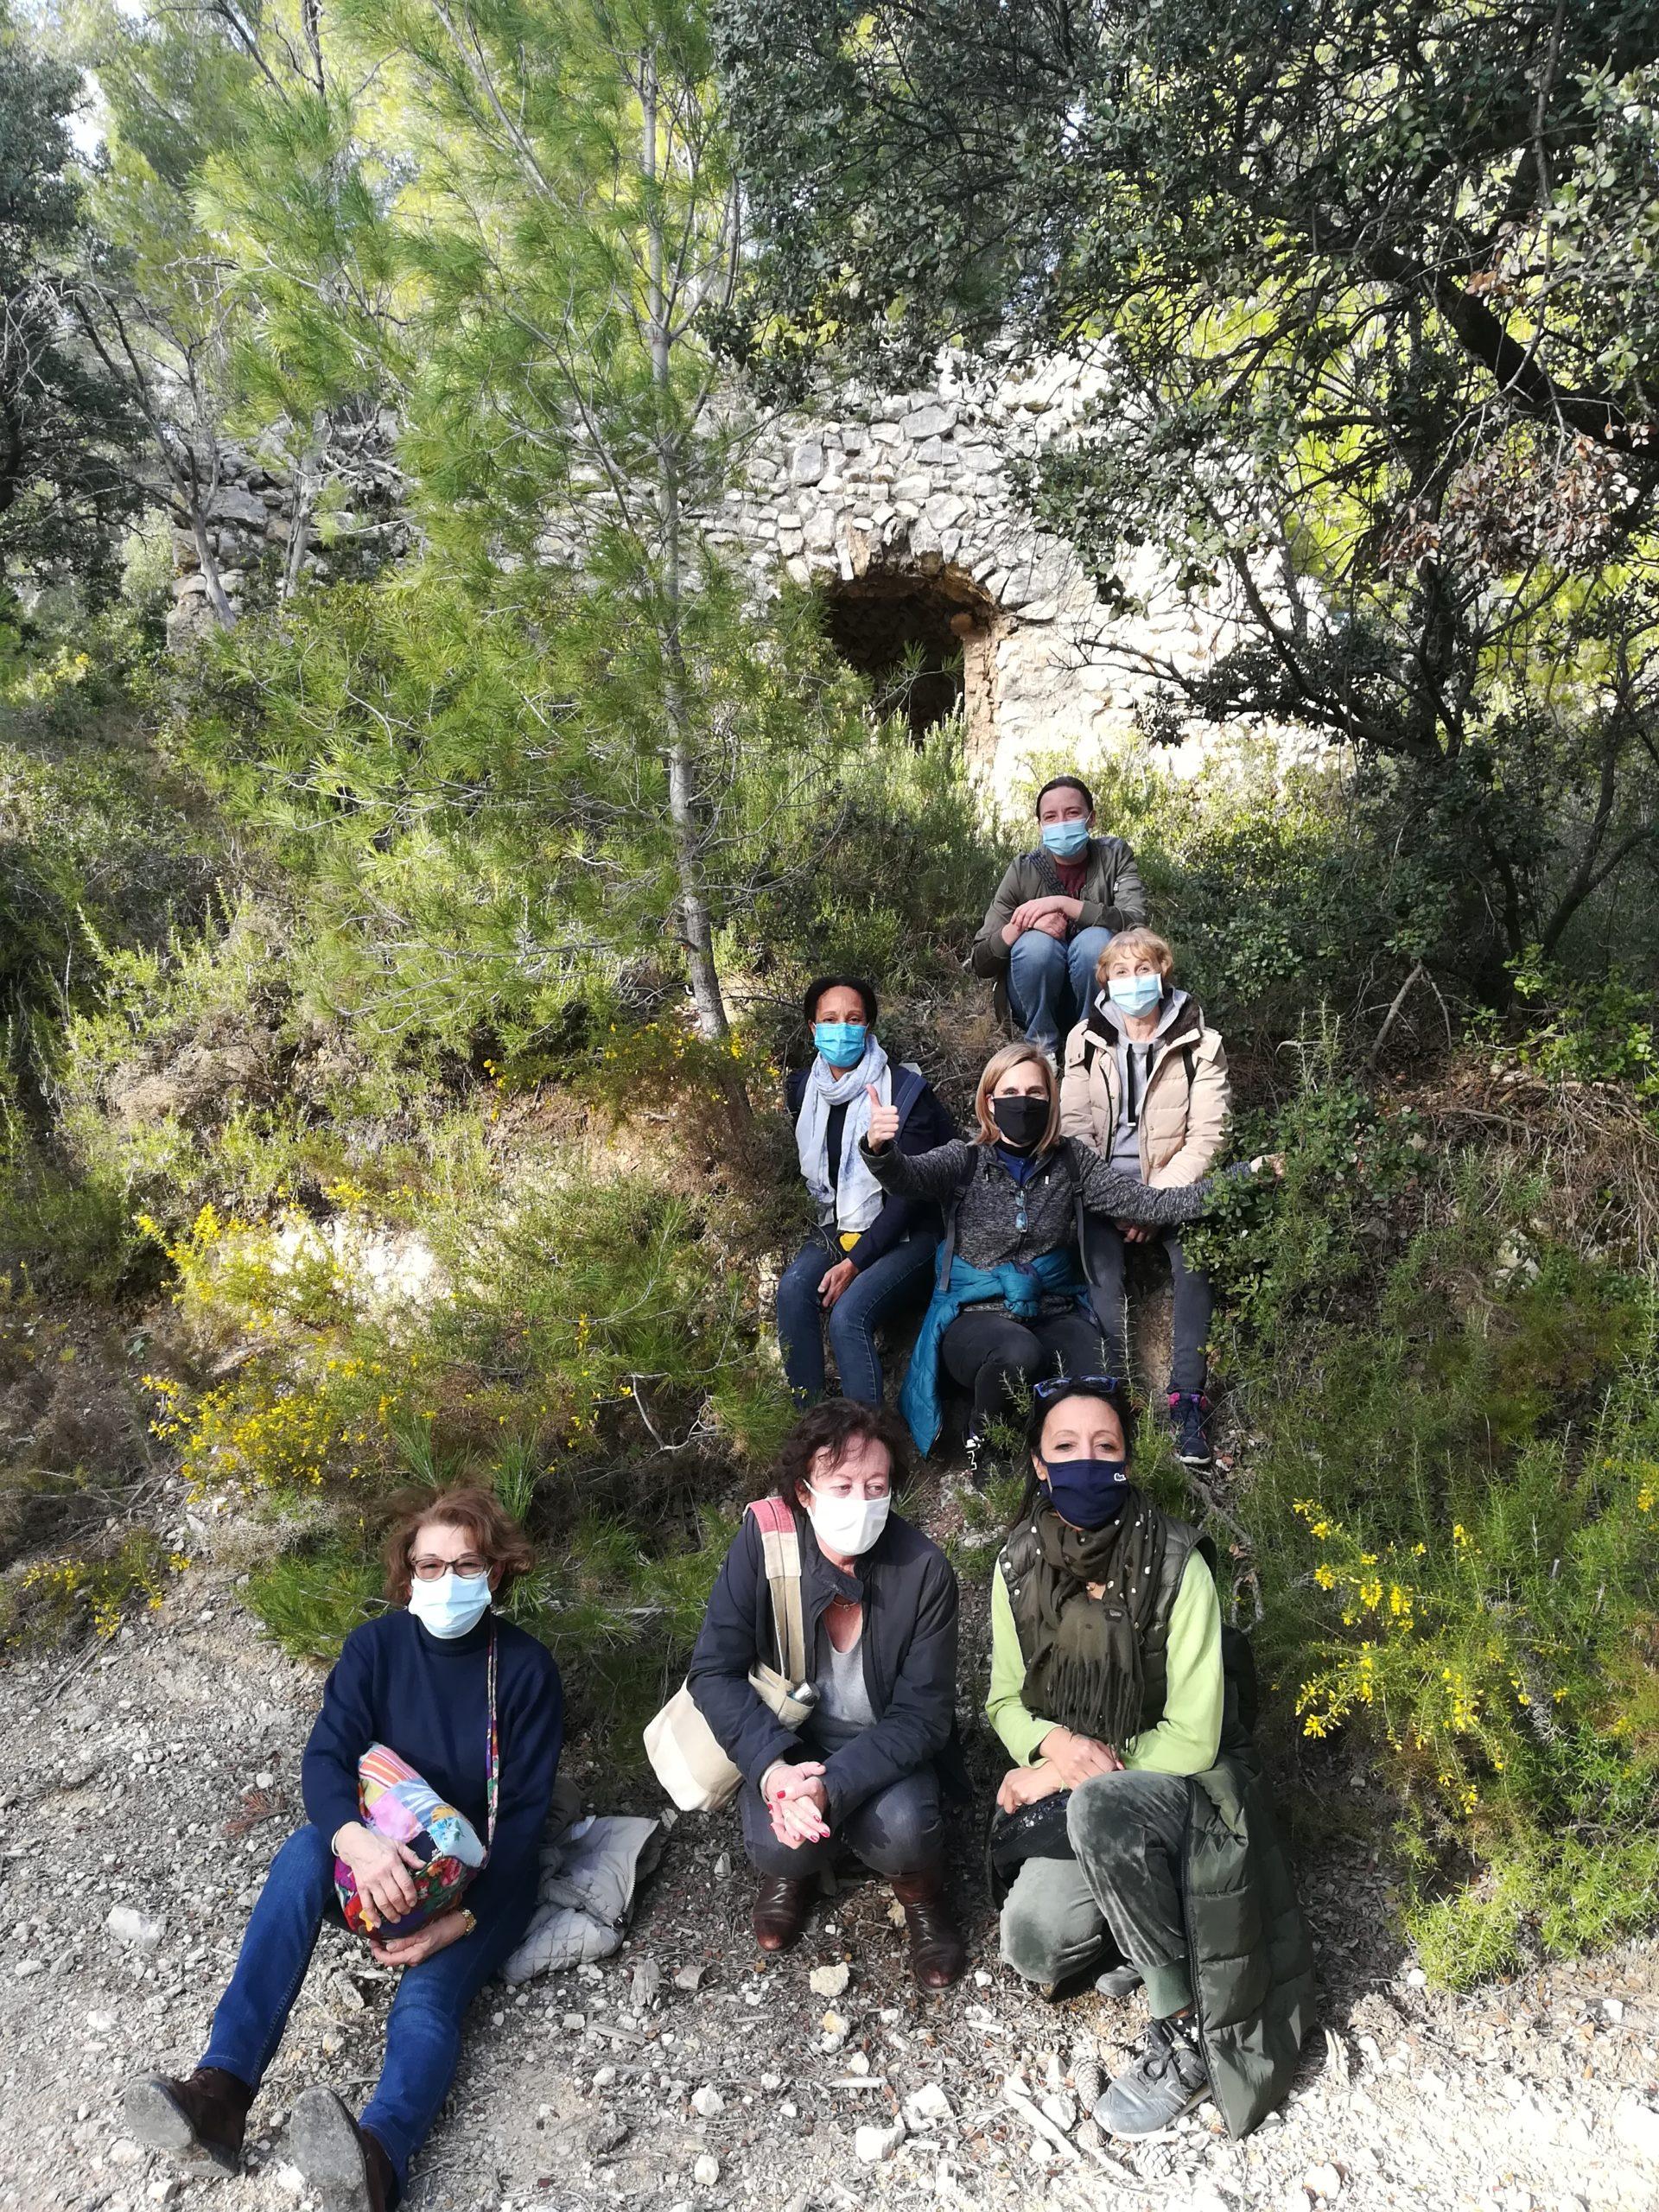 balade en anglais avec l'association By The Way à Aix-en-Provence